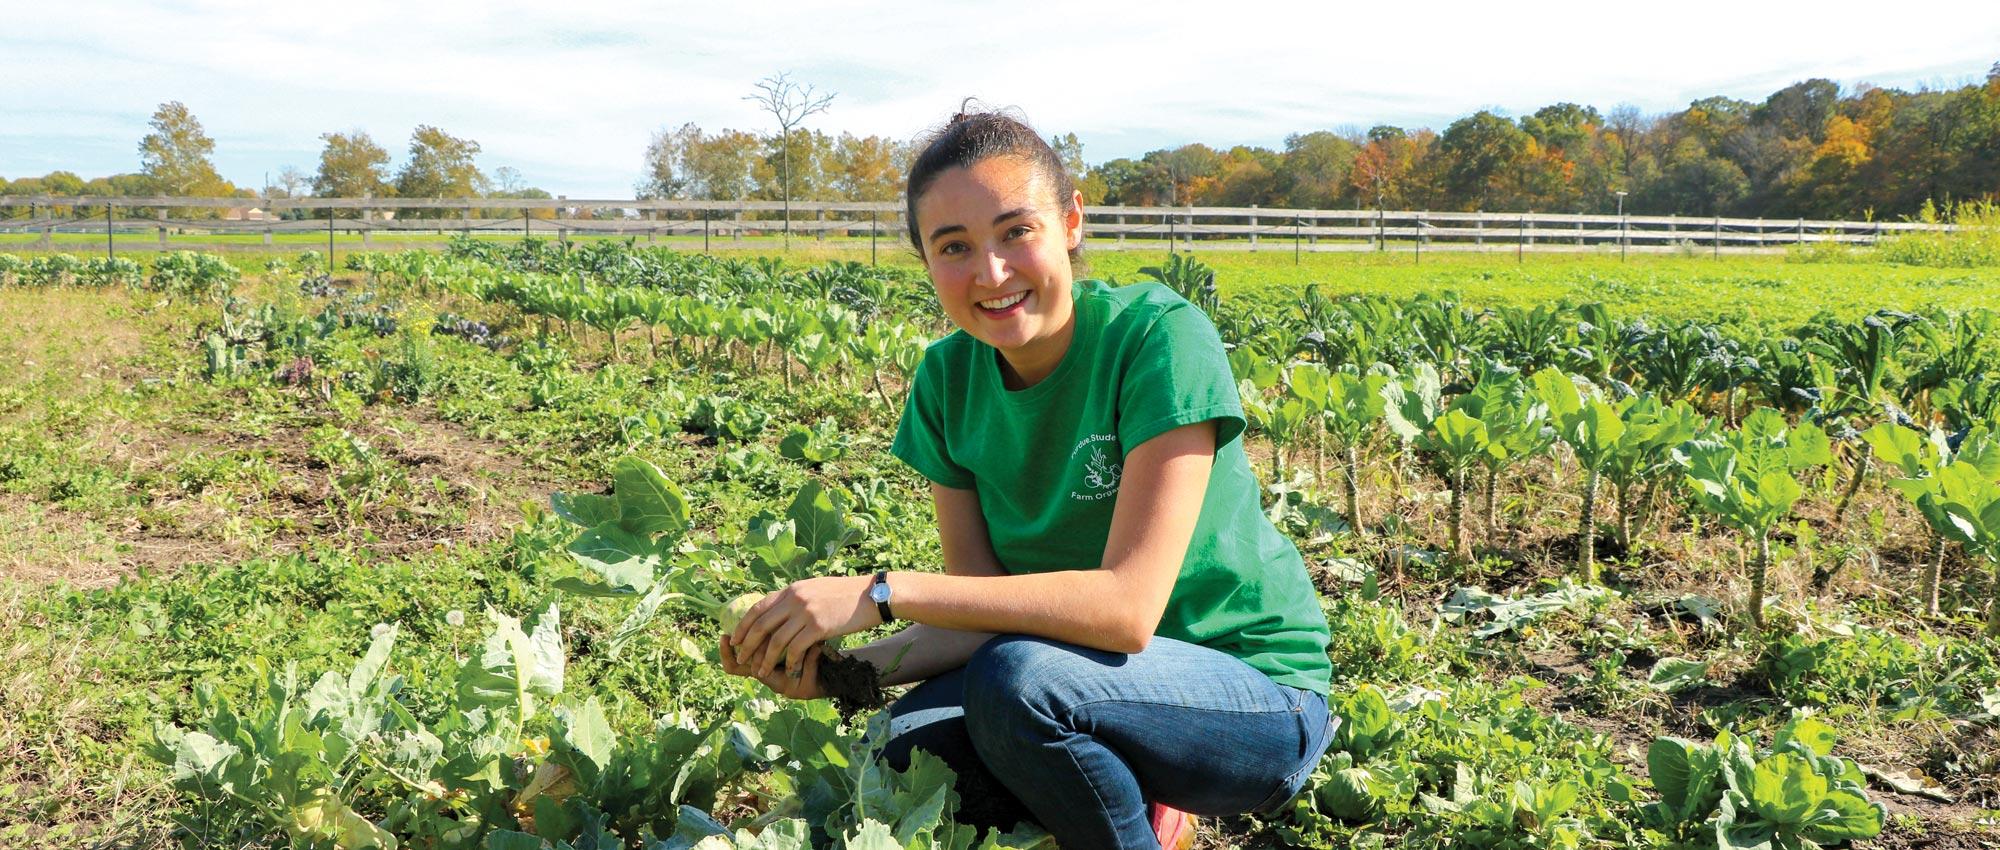 Sabrina Myoda holds a rutabaga in a field